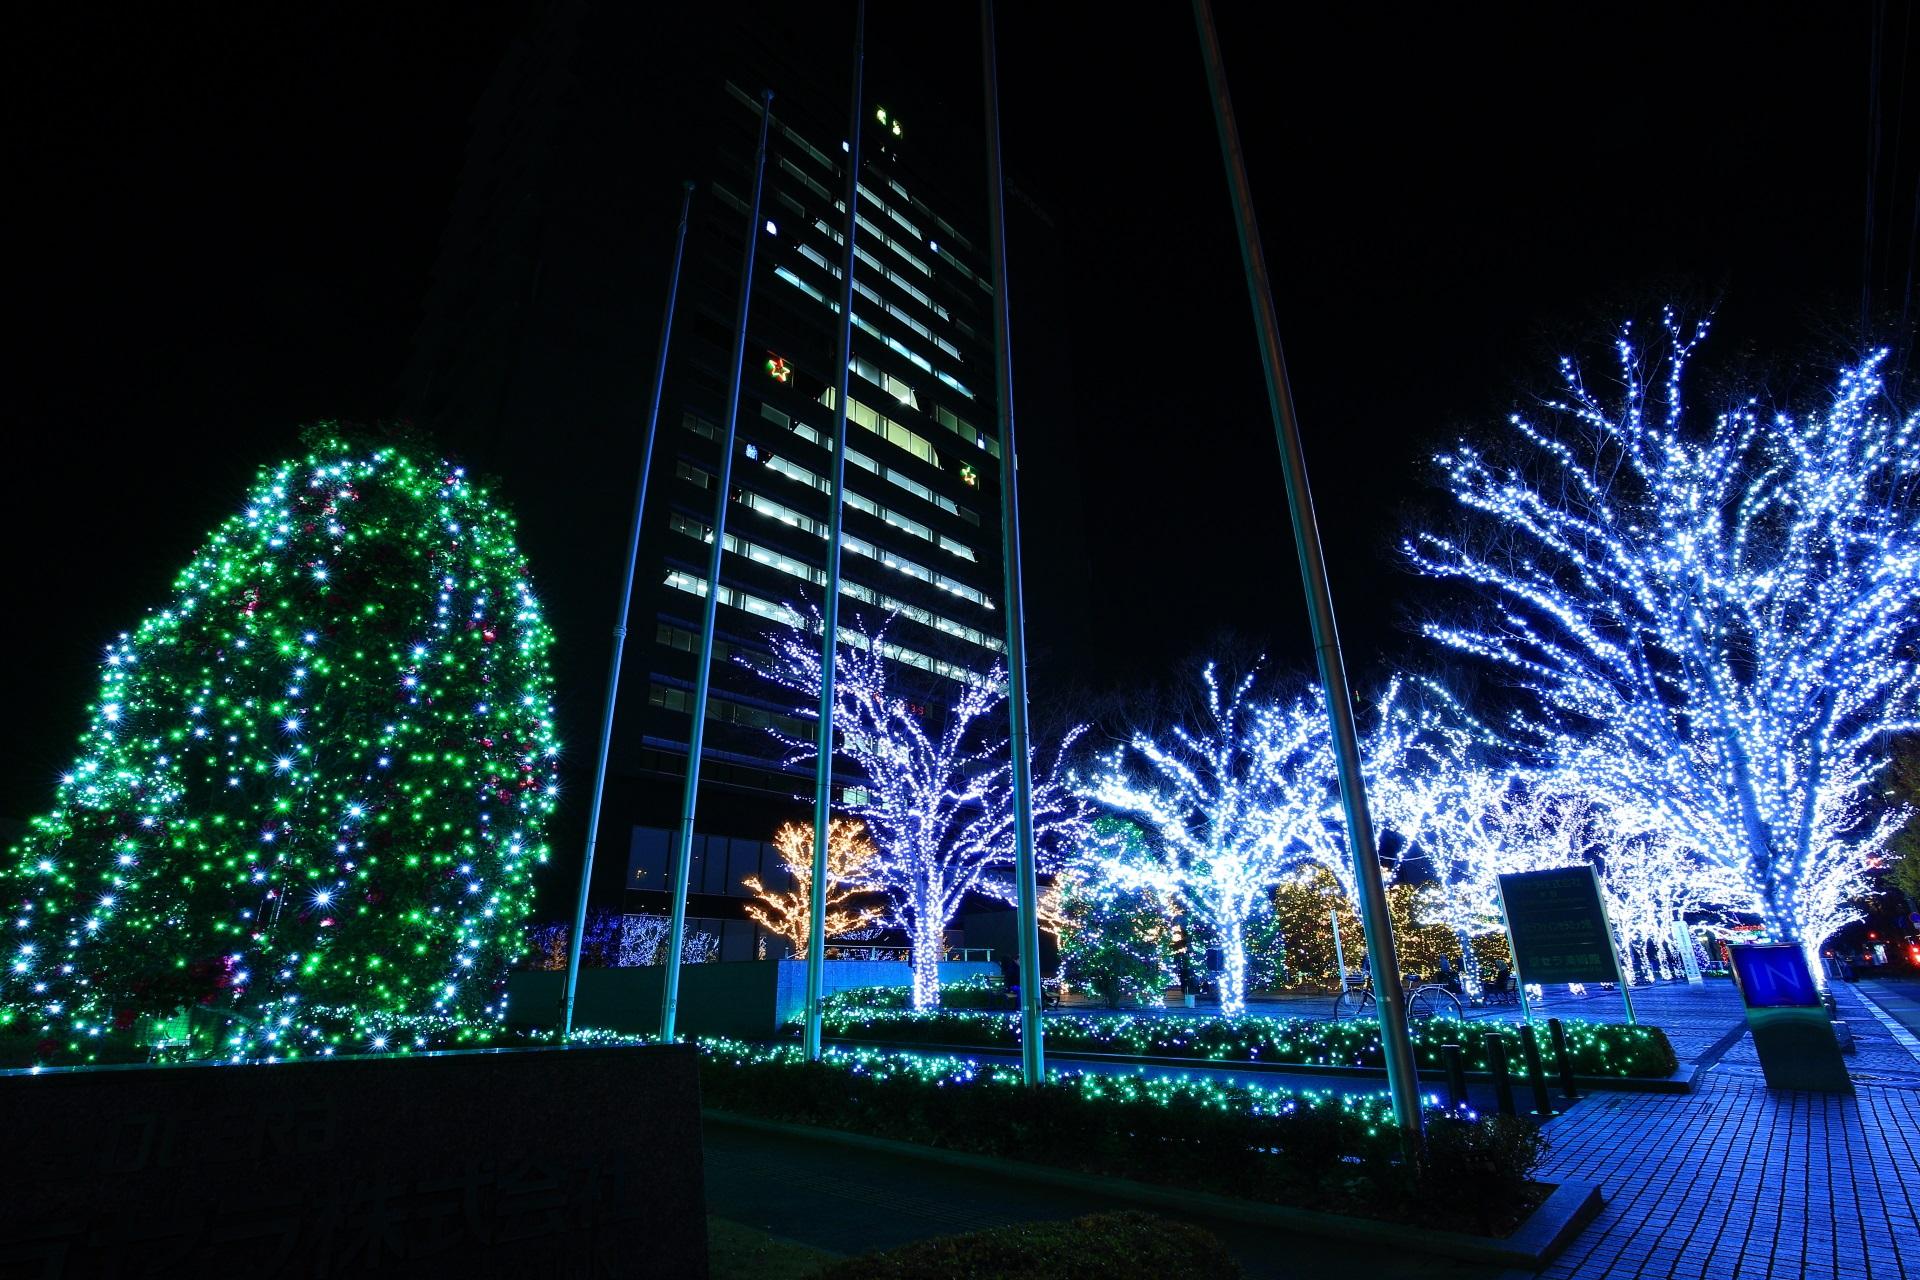 Kyoto kyocera illumination